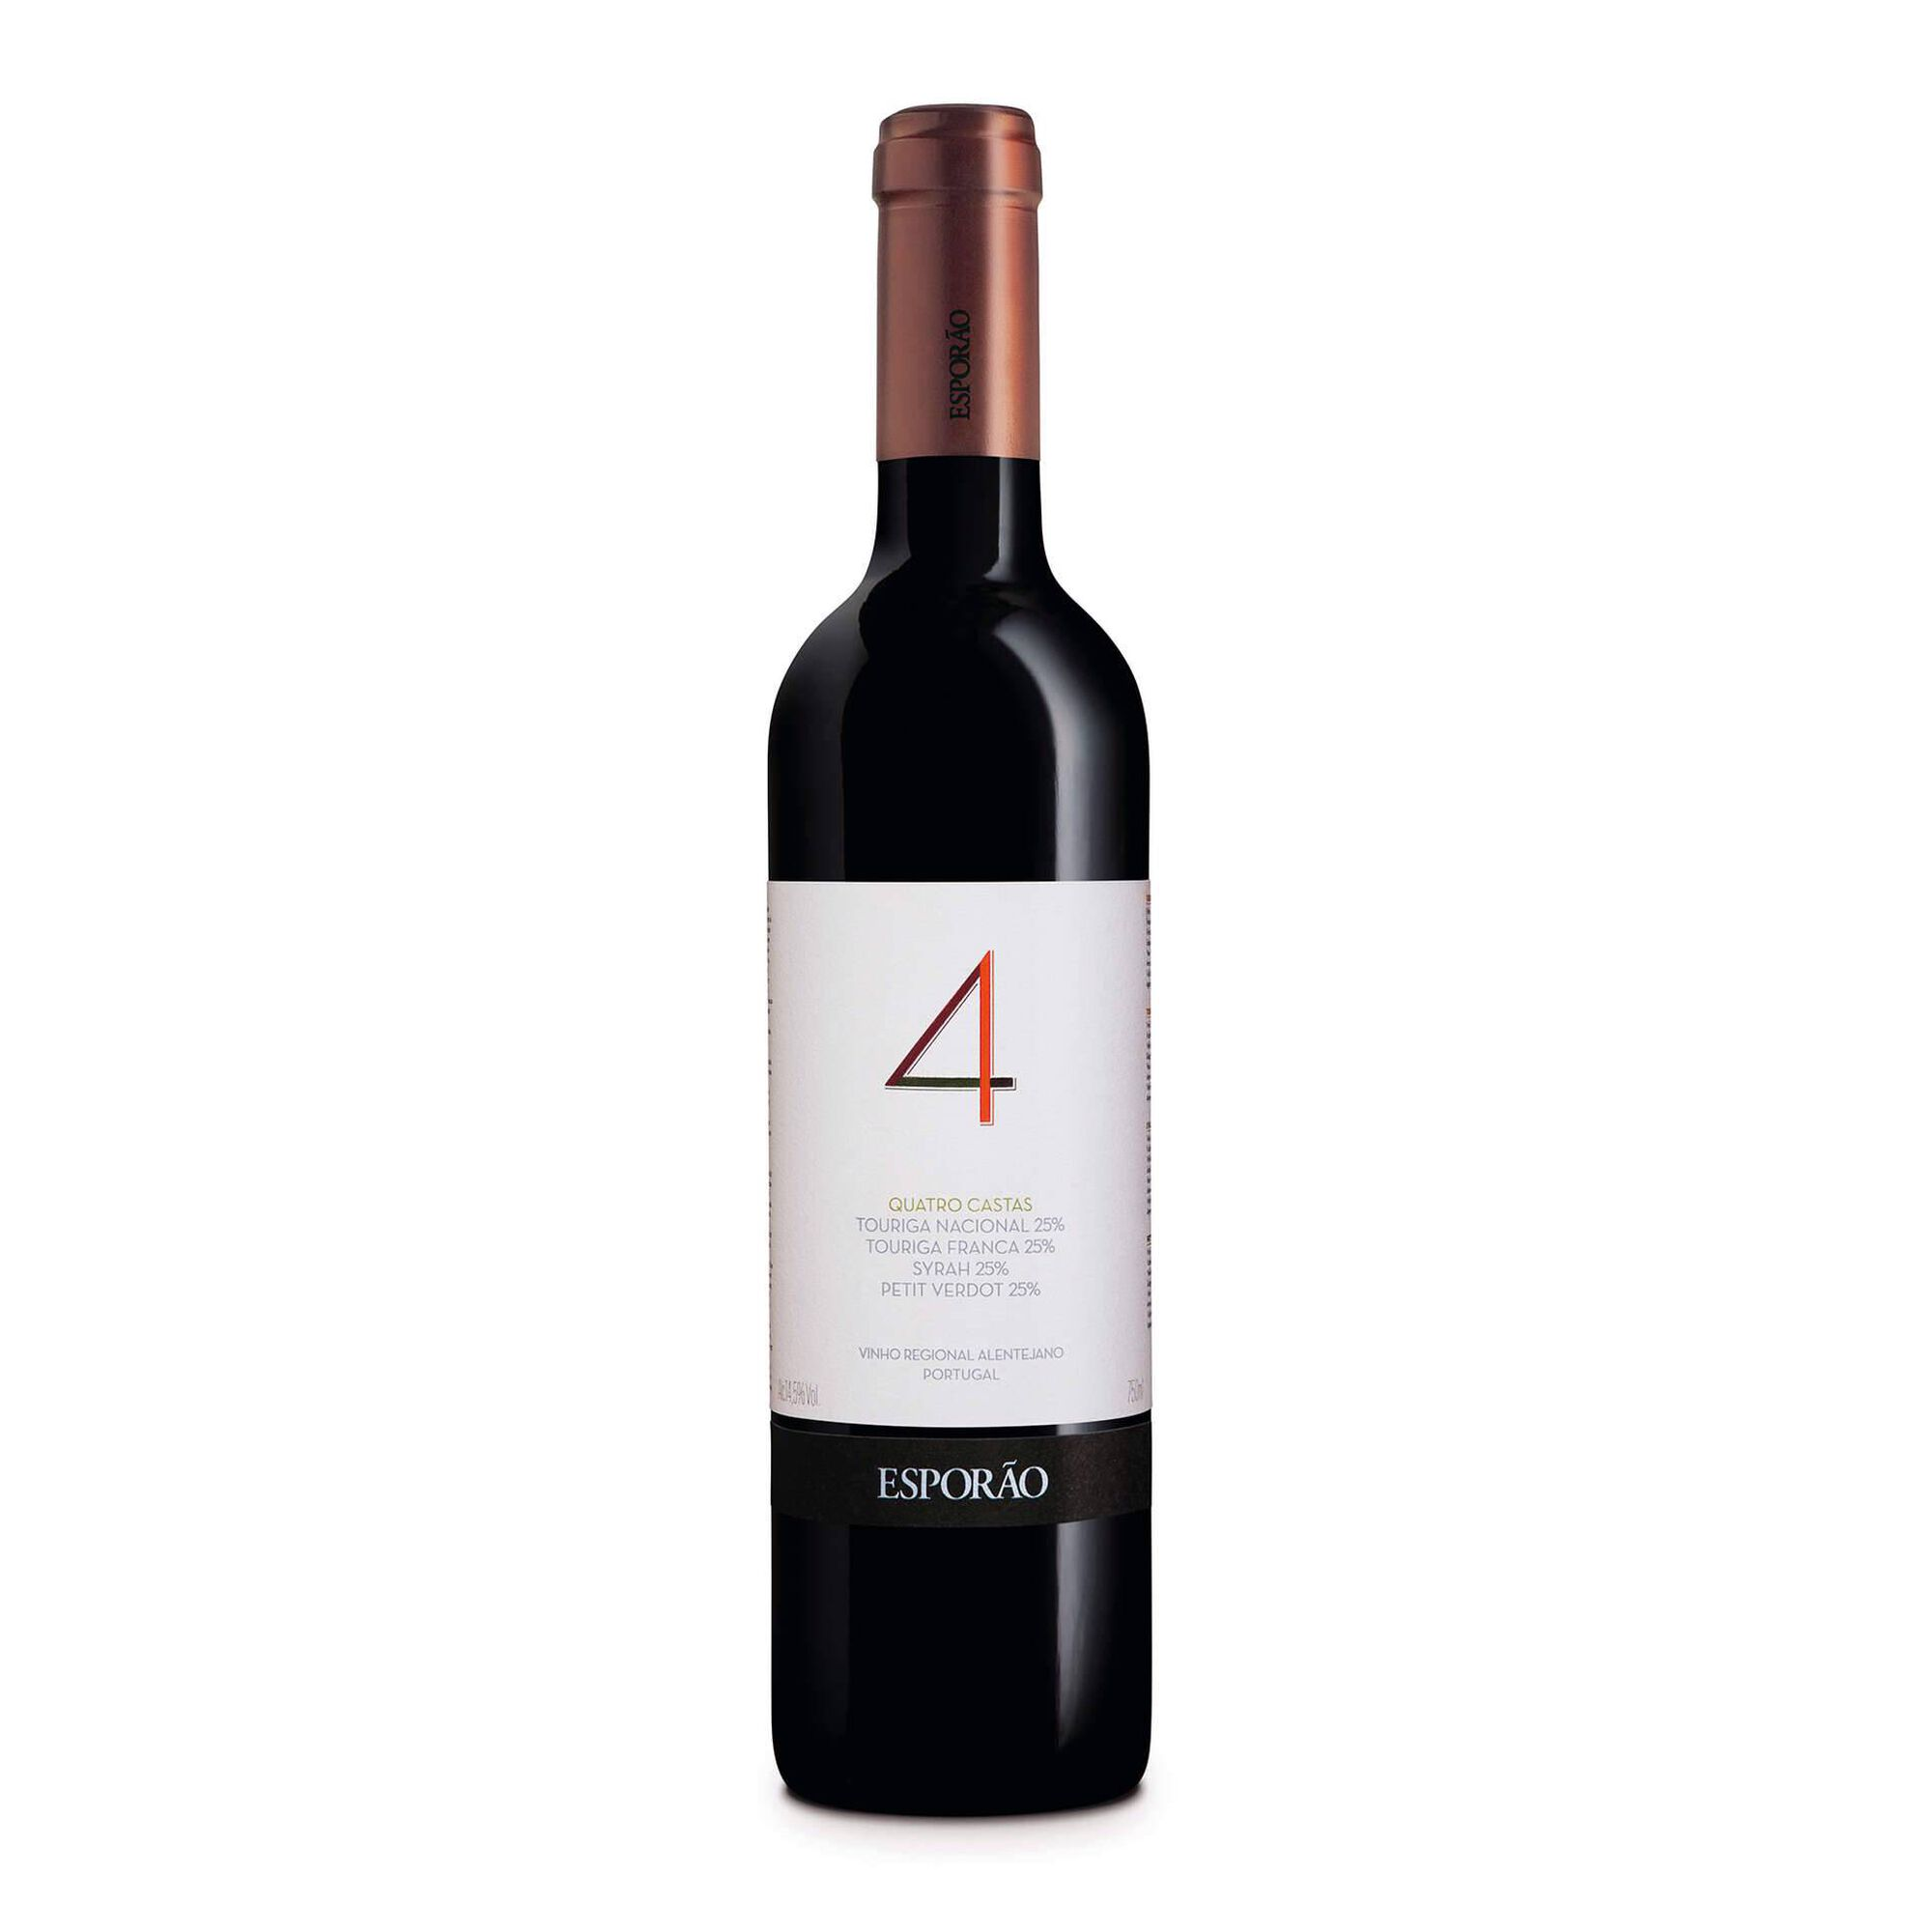 Herdade do Esporão 4 Castas Regional Alentejano Vinho Tinto